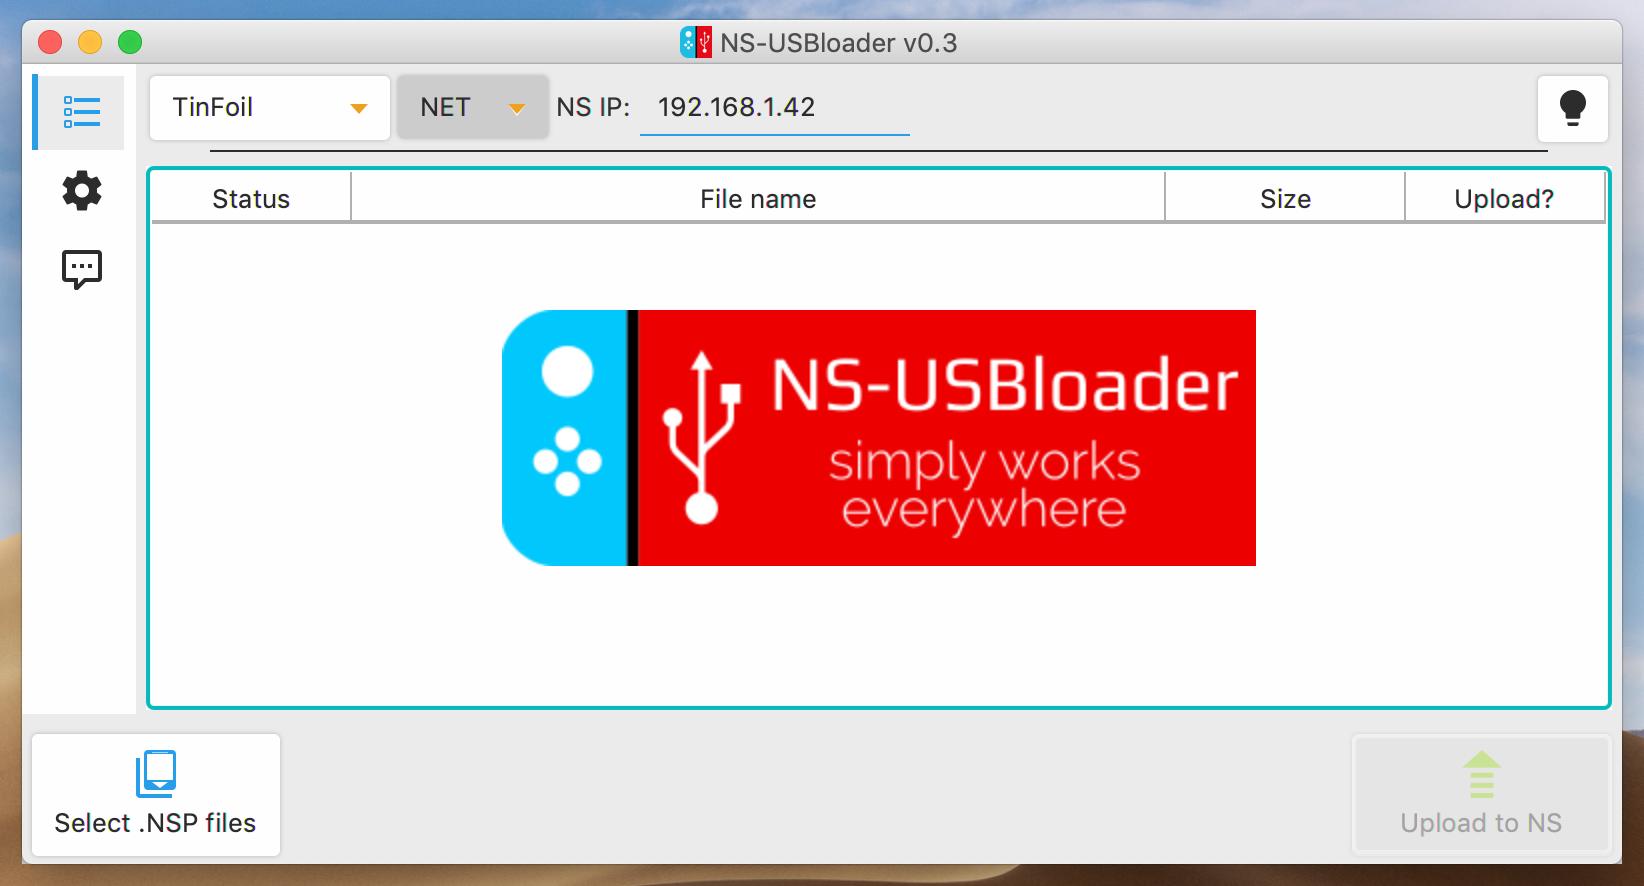 GitHub - developersu/ns-usbloader: TinFoil/GoldLeaf NSPs